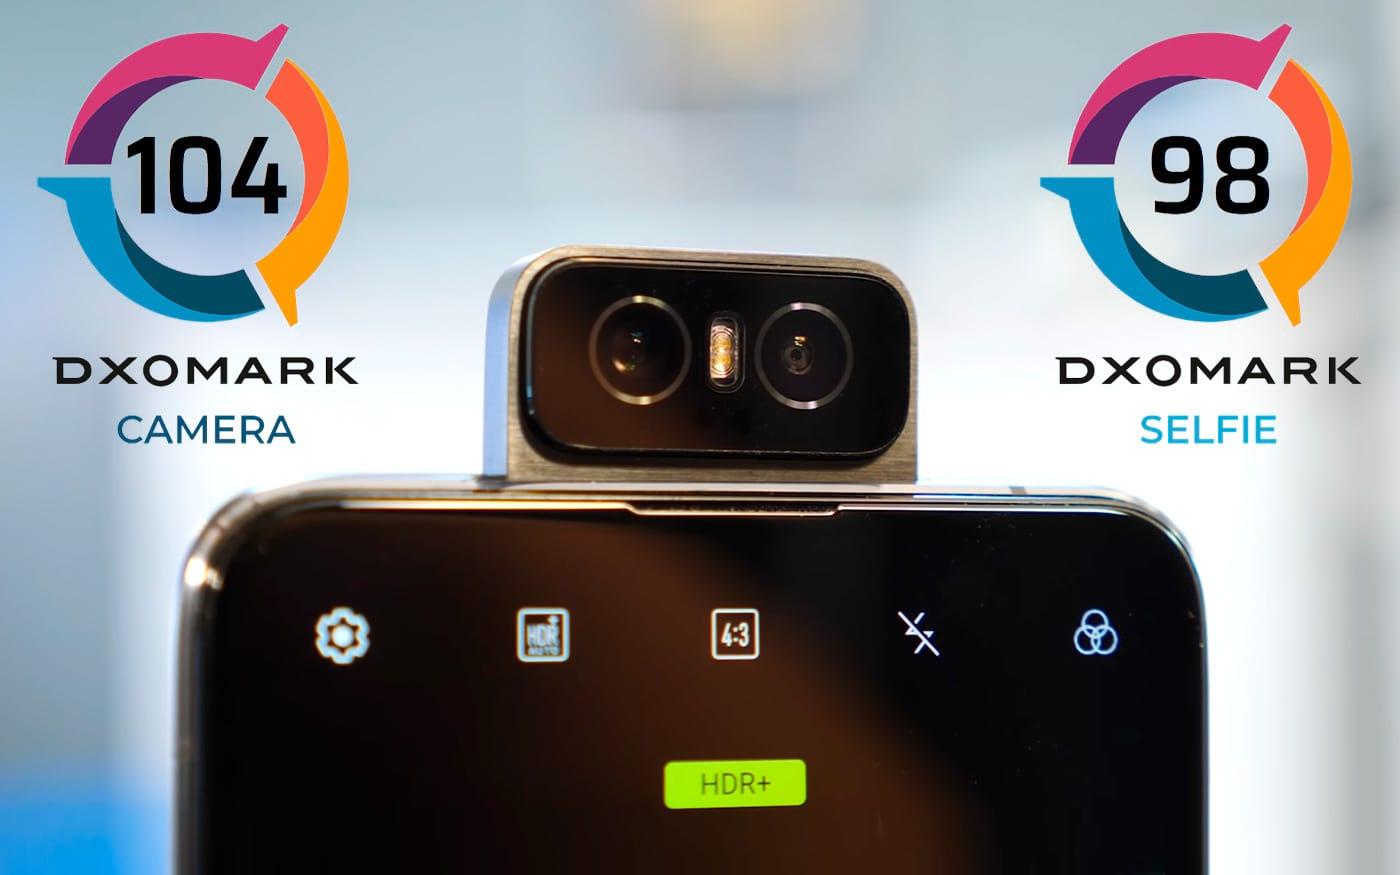 Além das selfies, Zenfone 6 da Asus marca 104 pontos no DXOMark